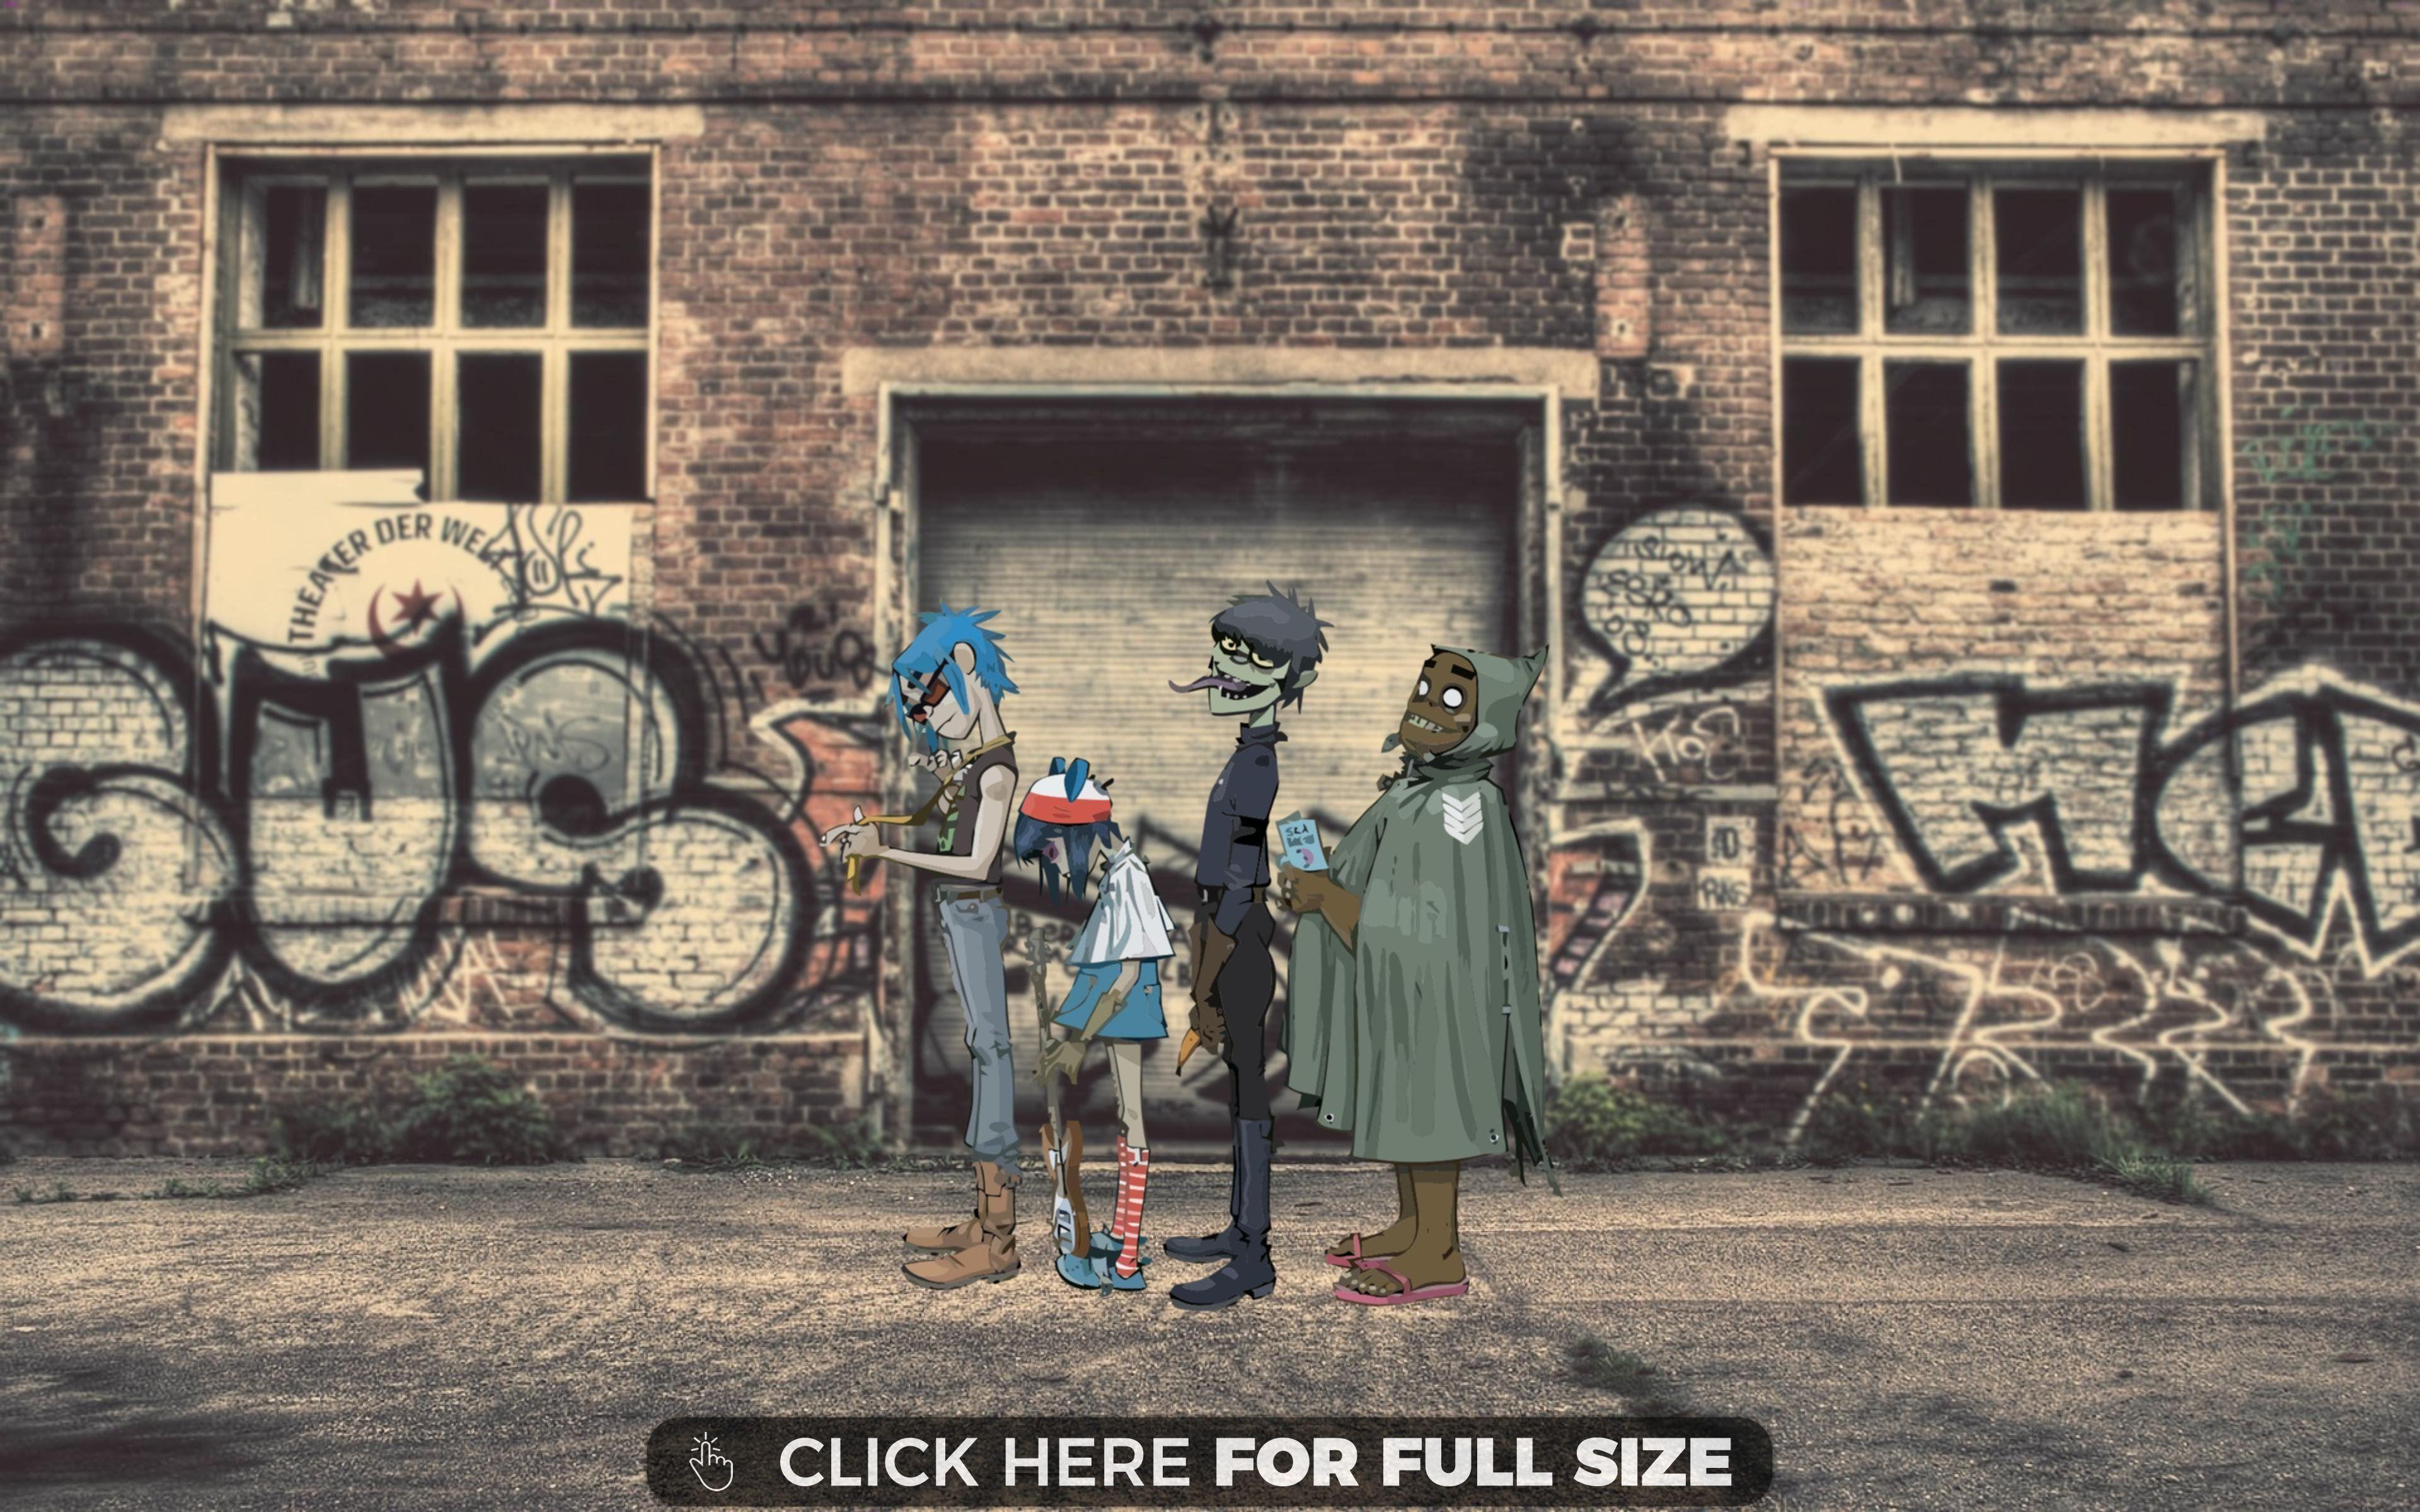 4K Gorillaz OC Gorillaz, Instagram wallpaper, 4k